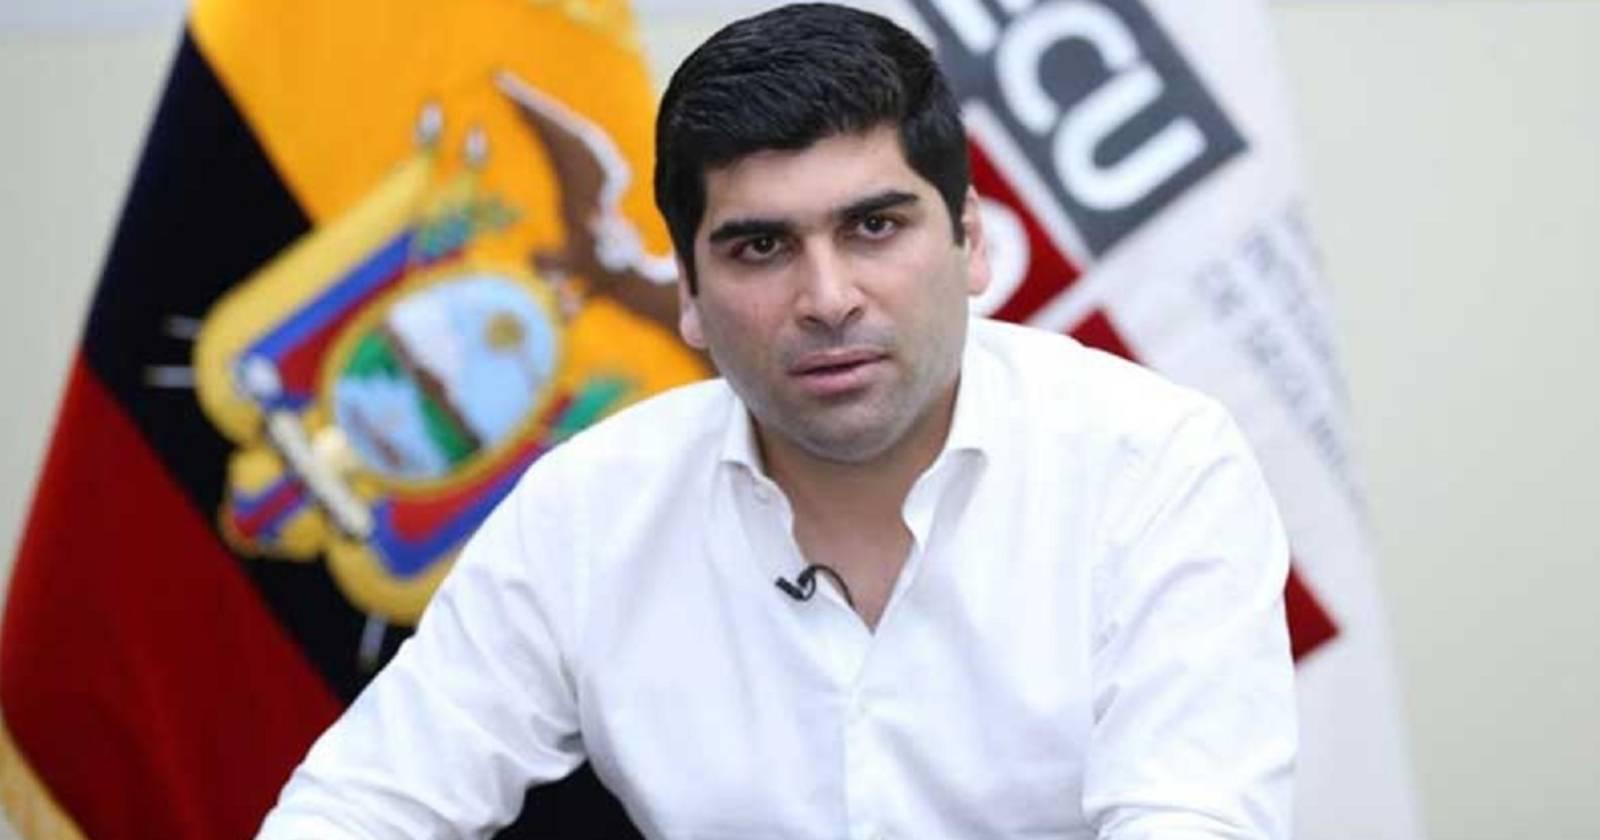 Vicepresidente de Ecuador renuncia a menos de un año de que finalice su período